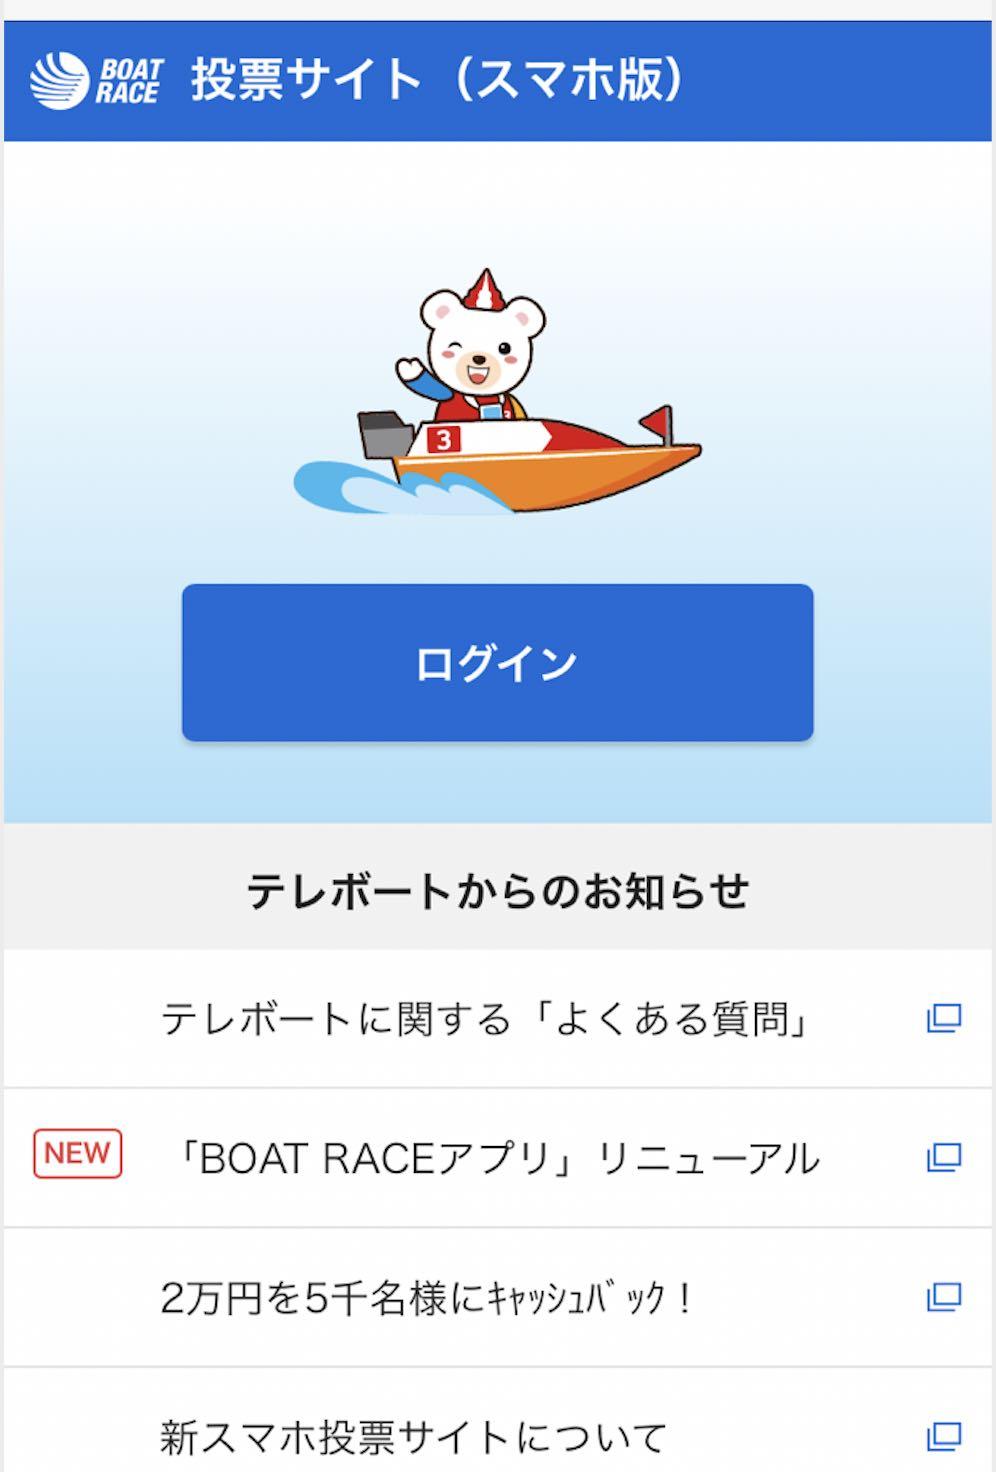 競艇ボートレースの舟券をネットで買う、競艇ボートレース投票サイトのTOP2